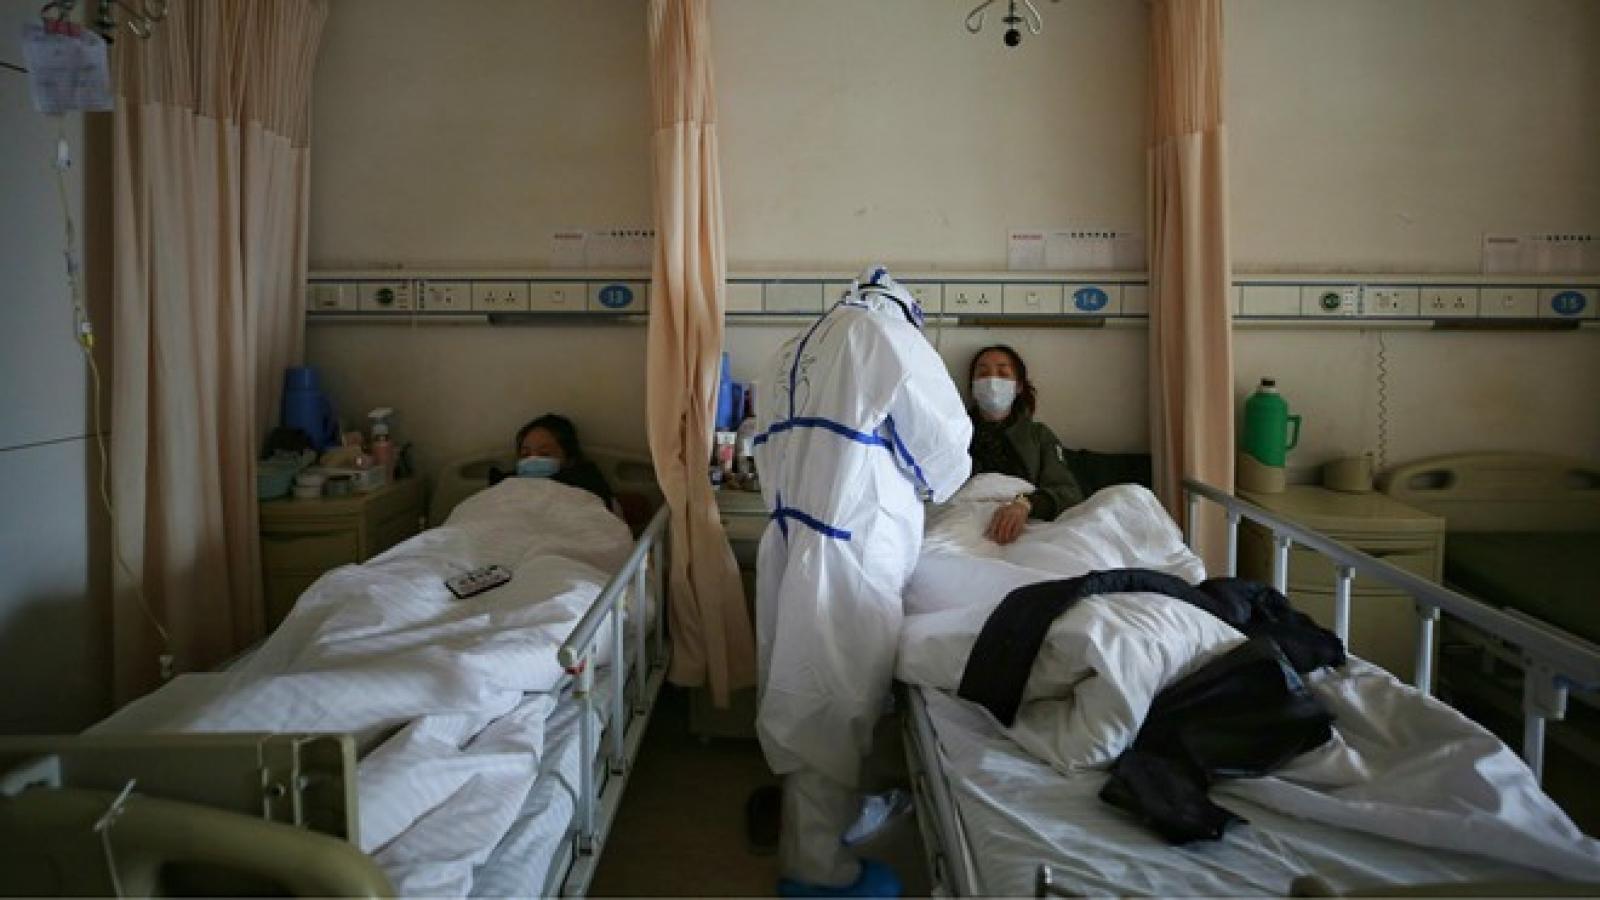 Trung Quốc đính chính số liệu Covid-19 ở Vũ Hán, thêm 1.290 ca tử vong